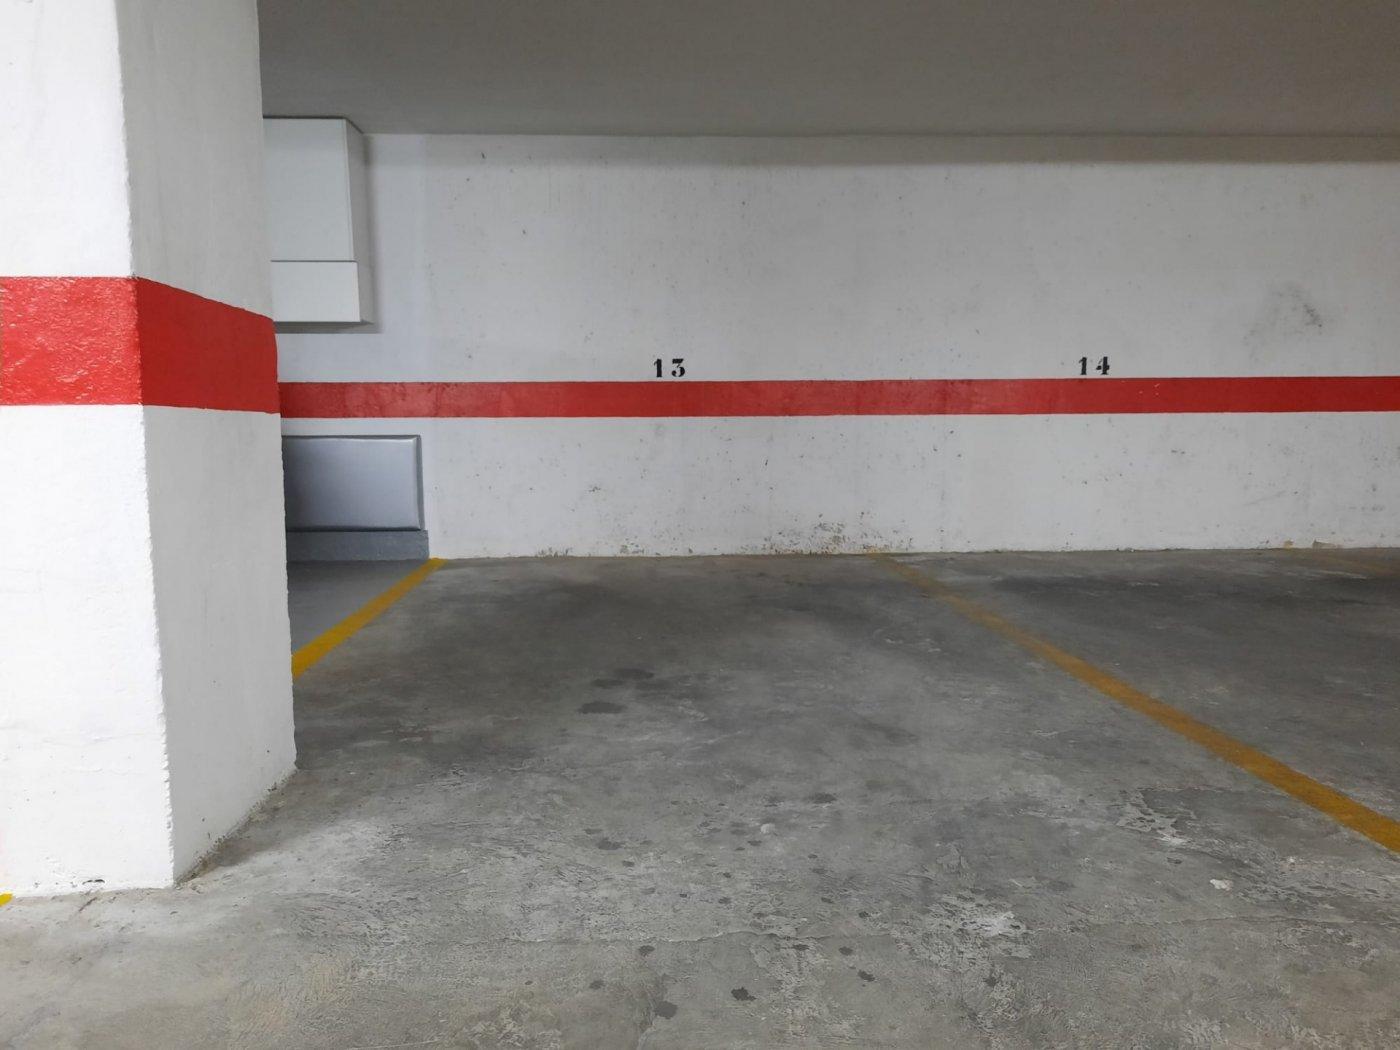 Garaje en  sotano con elevador  en plaza prado - imagenInmueble1